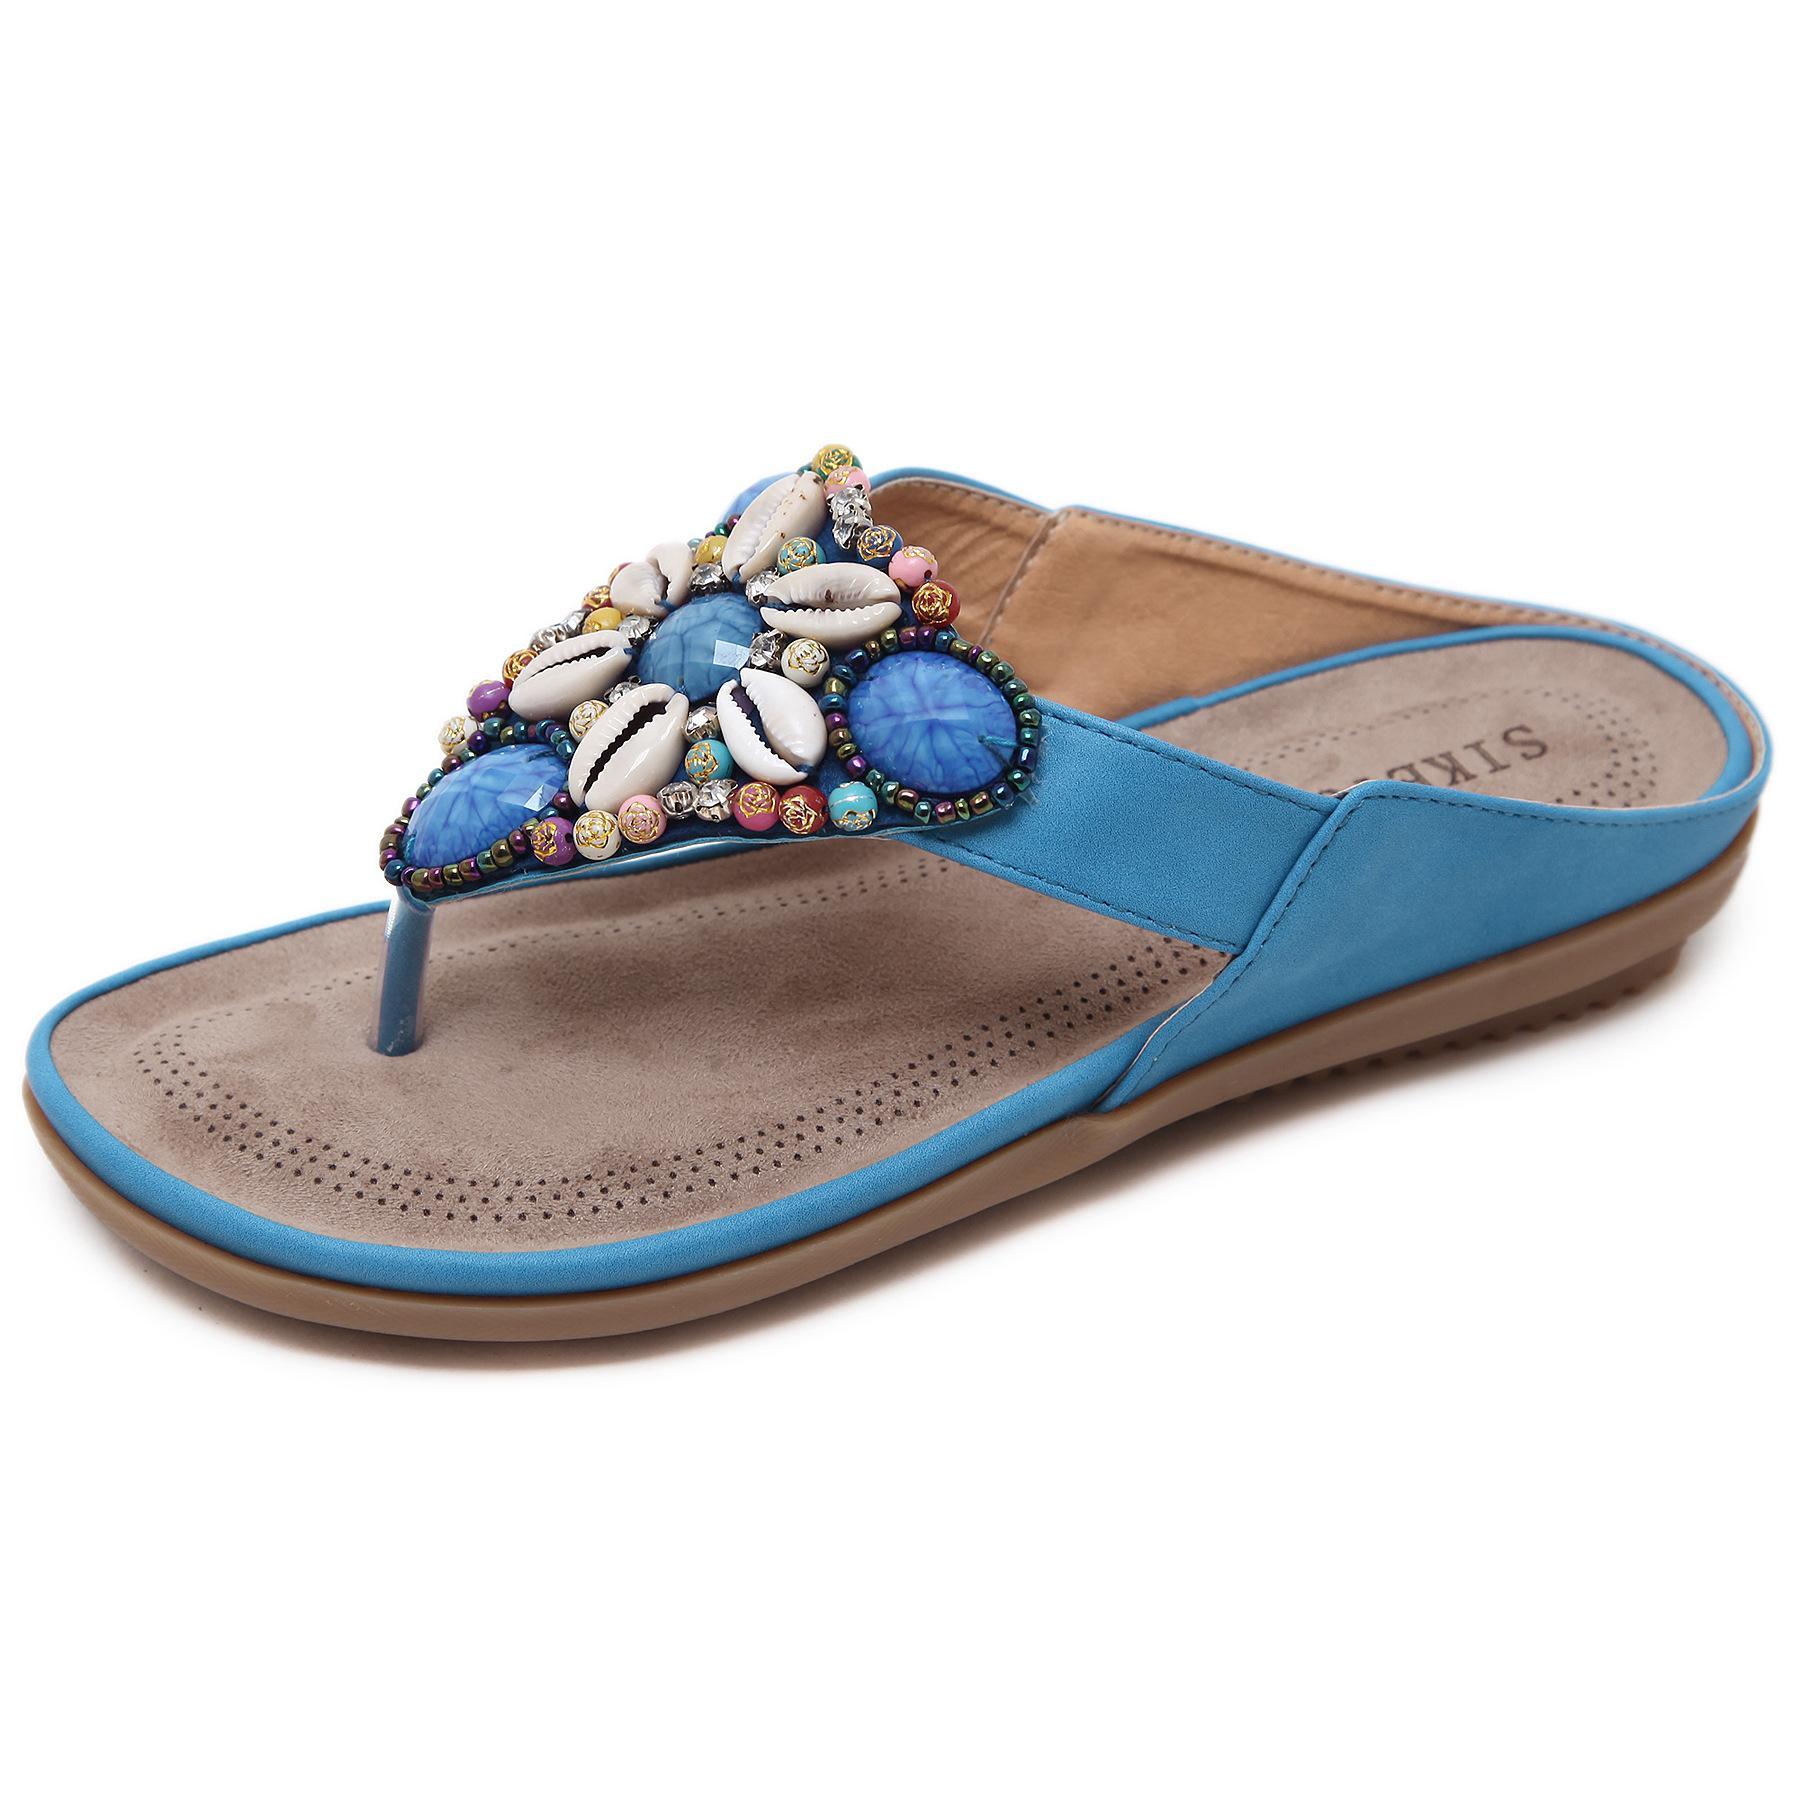 2020 отпуск пляж пляжные национальные сандалии, чешские бисерные сандалии большого размера, модные шлепанцы для отдыха